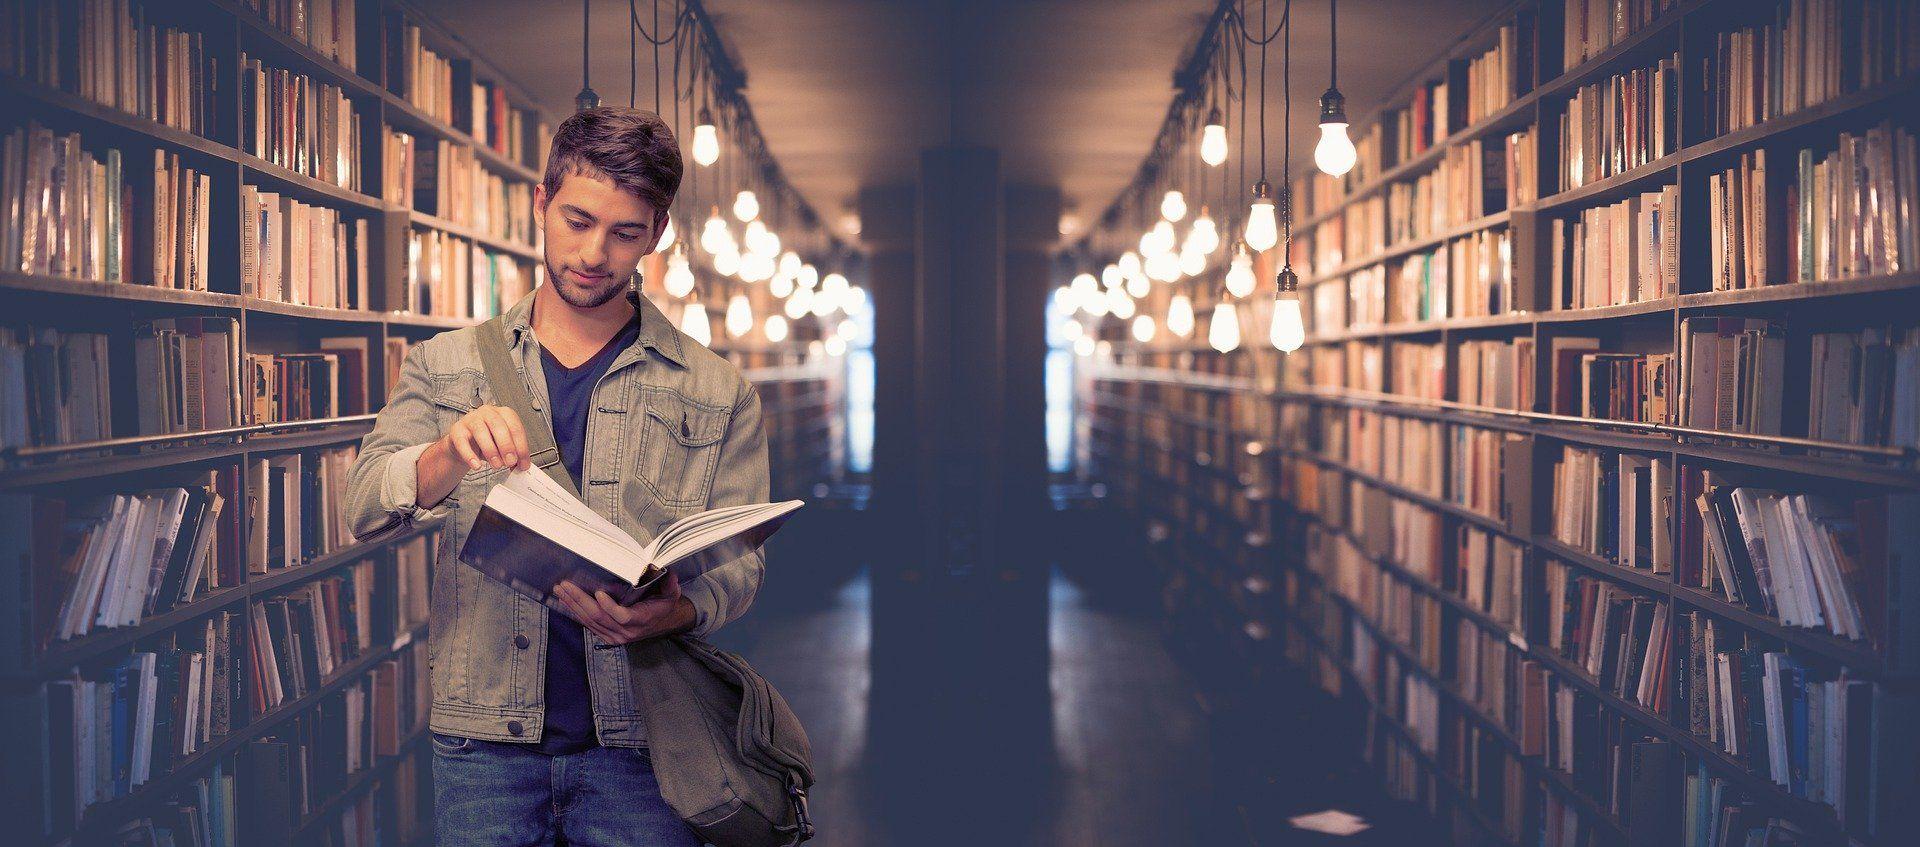 Ein junger Mann steht an einem Regal und blättert durch ein Buch.